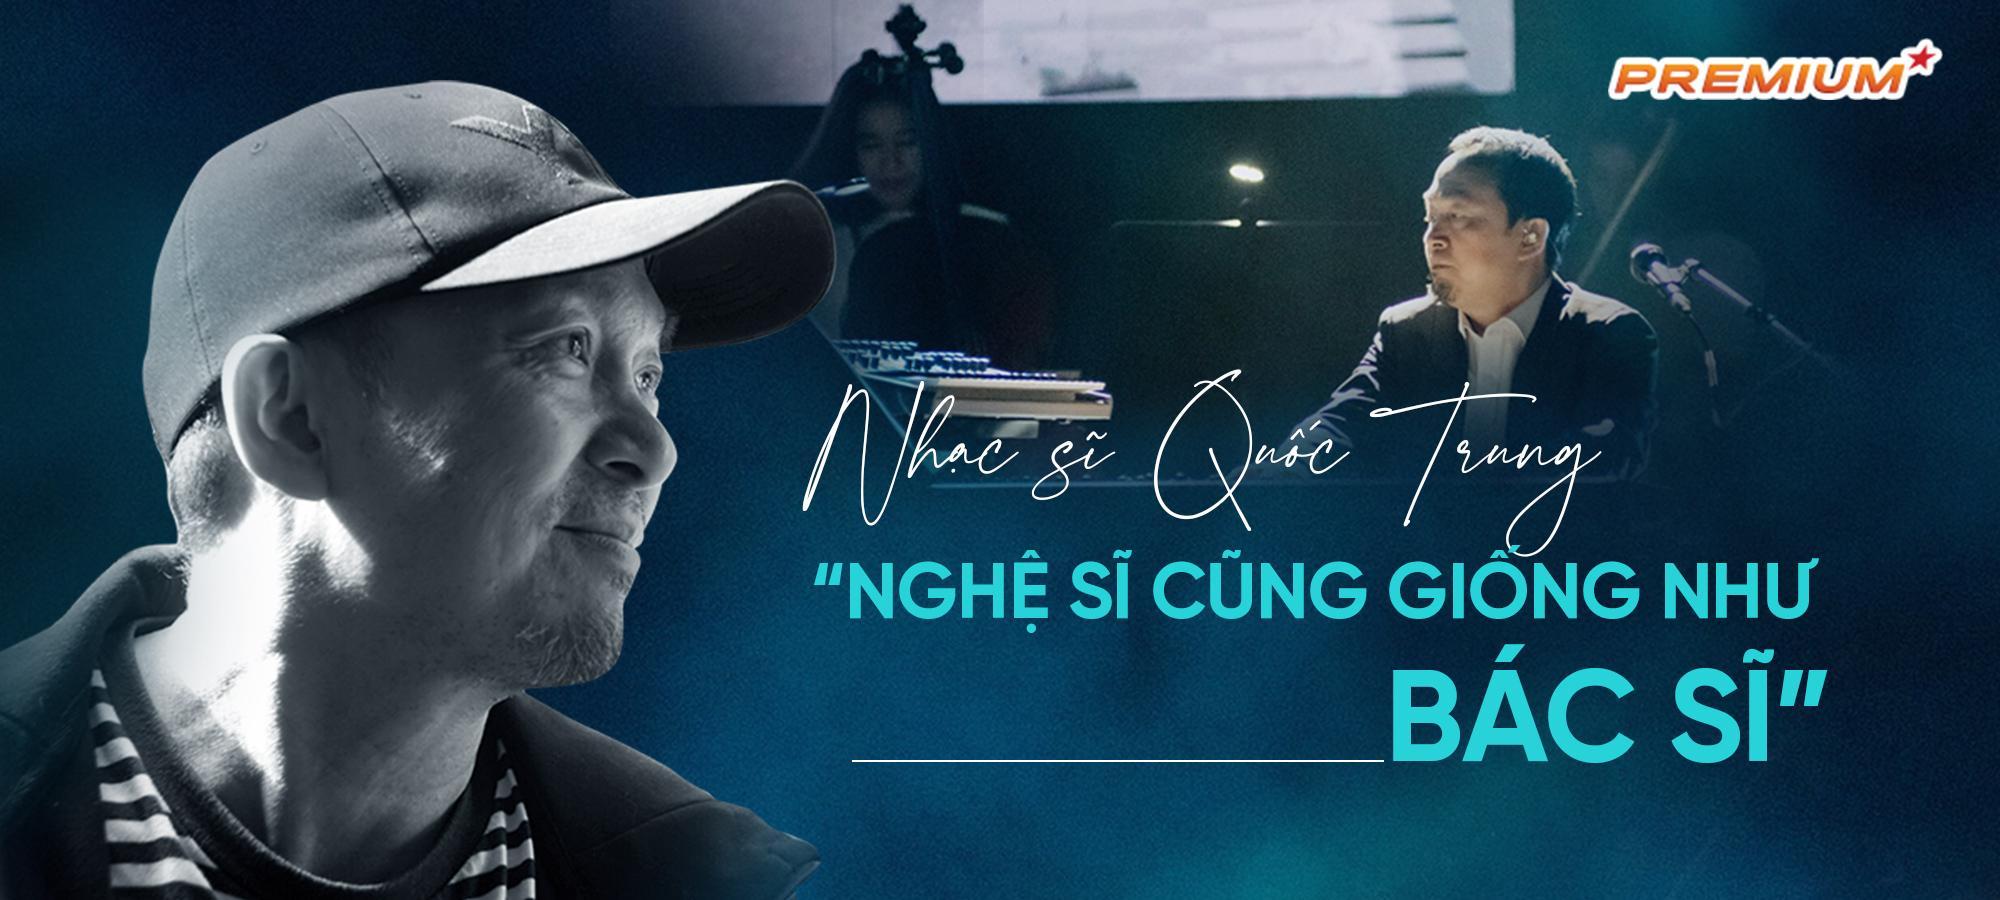 Nhạc sĩ Quốc Trung: Nghệ sĩ cũng giống như bác sĩ